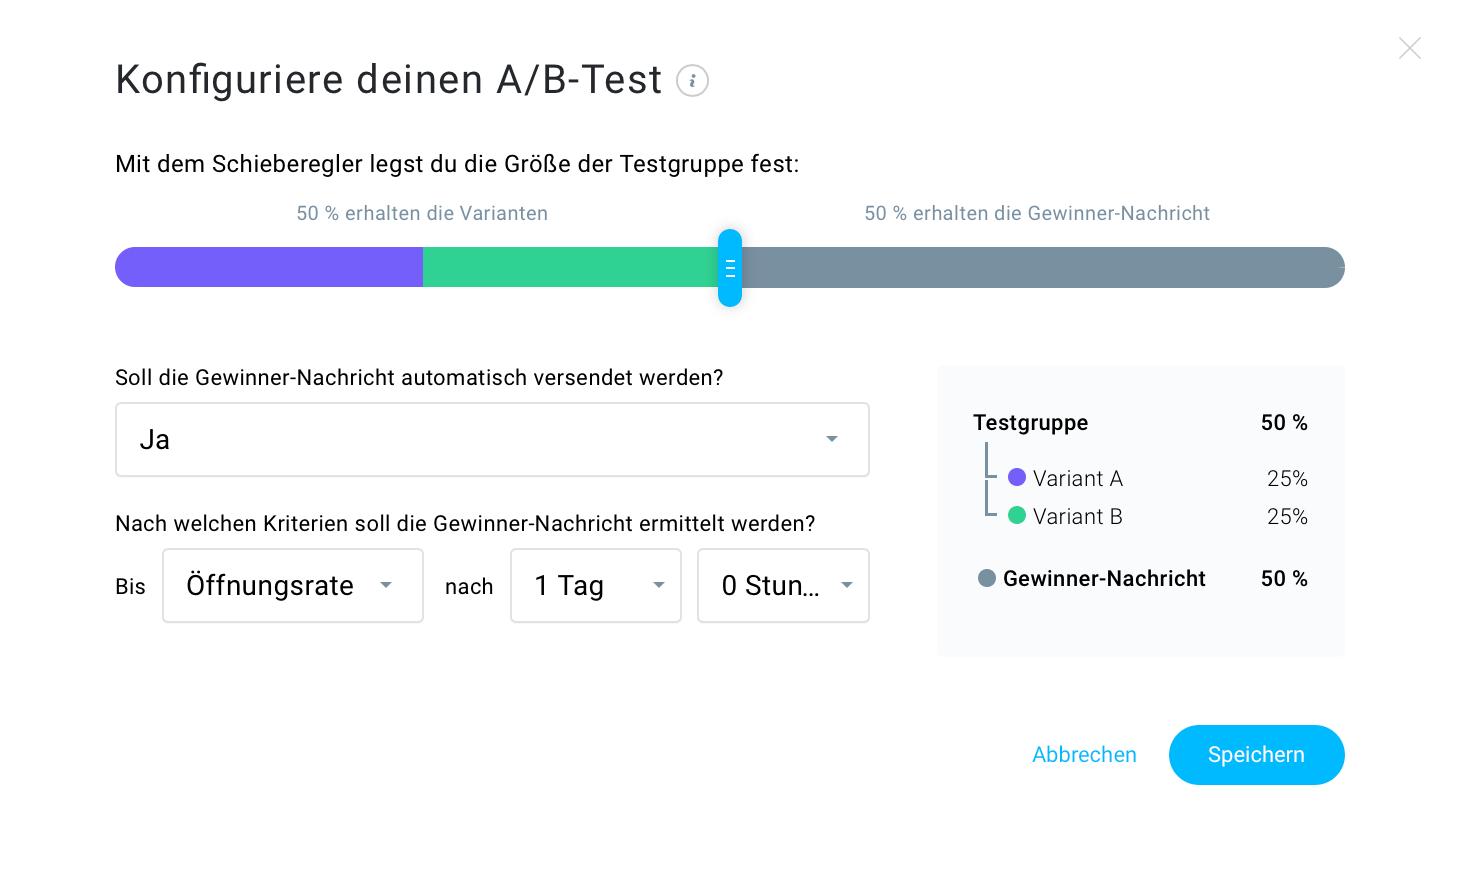 Konfiguriere deinen A/B-Test.